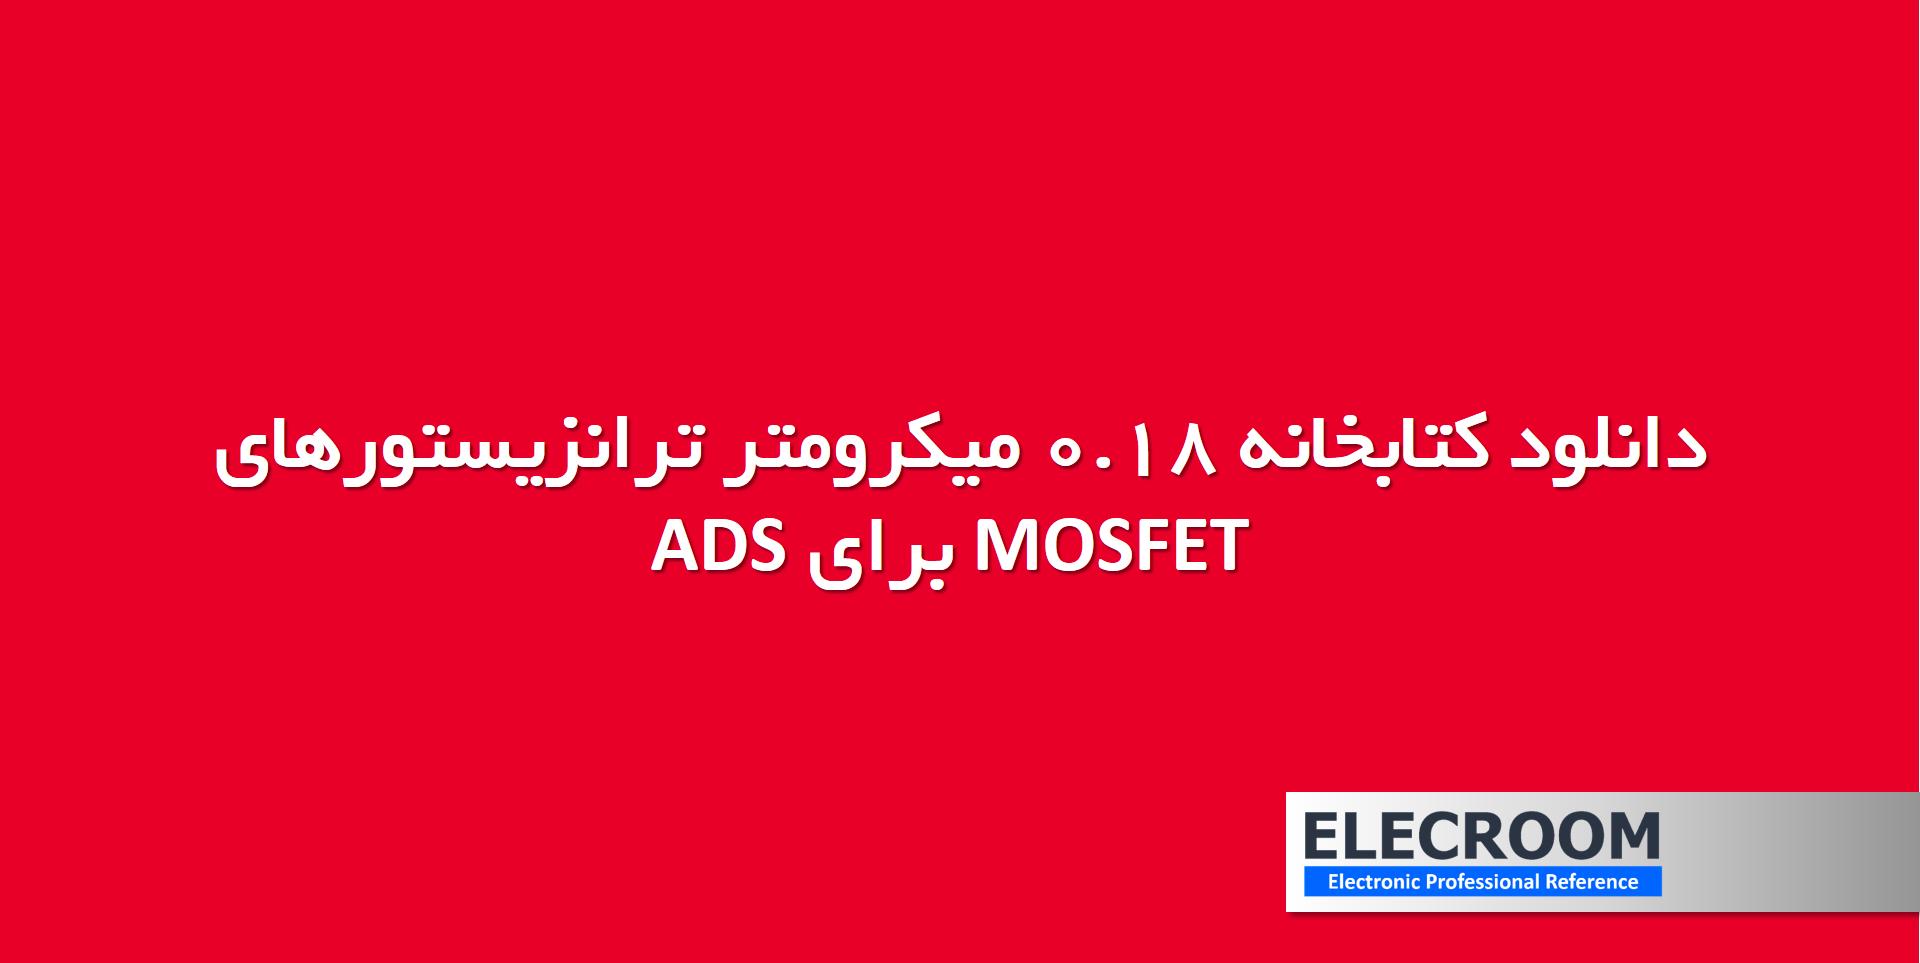 دانلود کتابخانه 0.18 میکرومتر MOSFET برای ADS